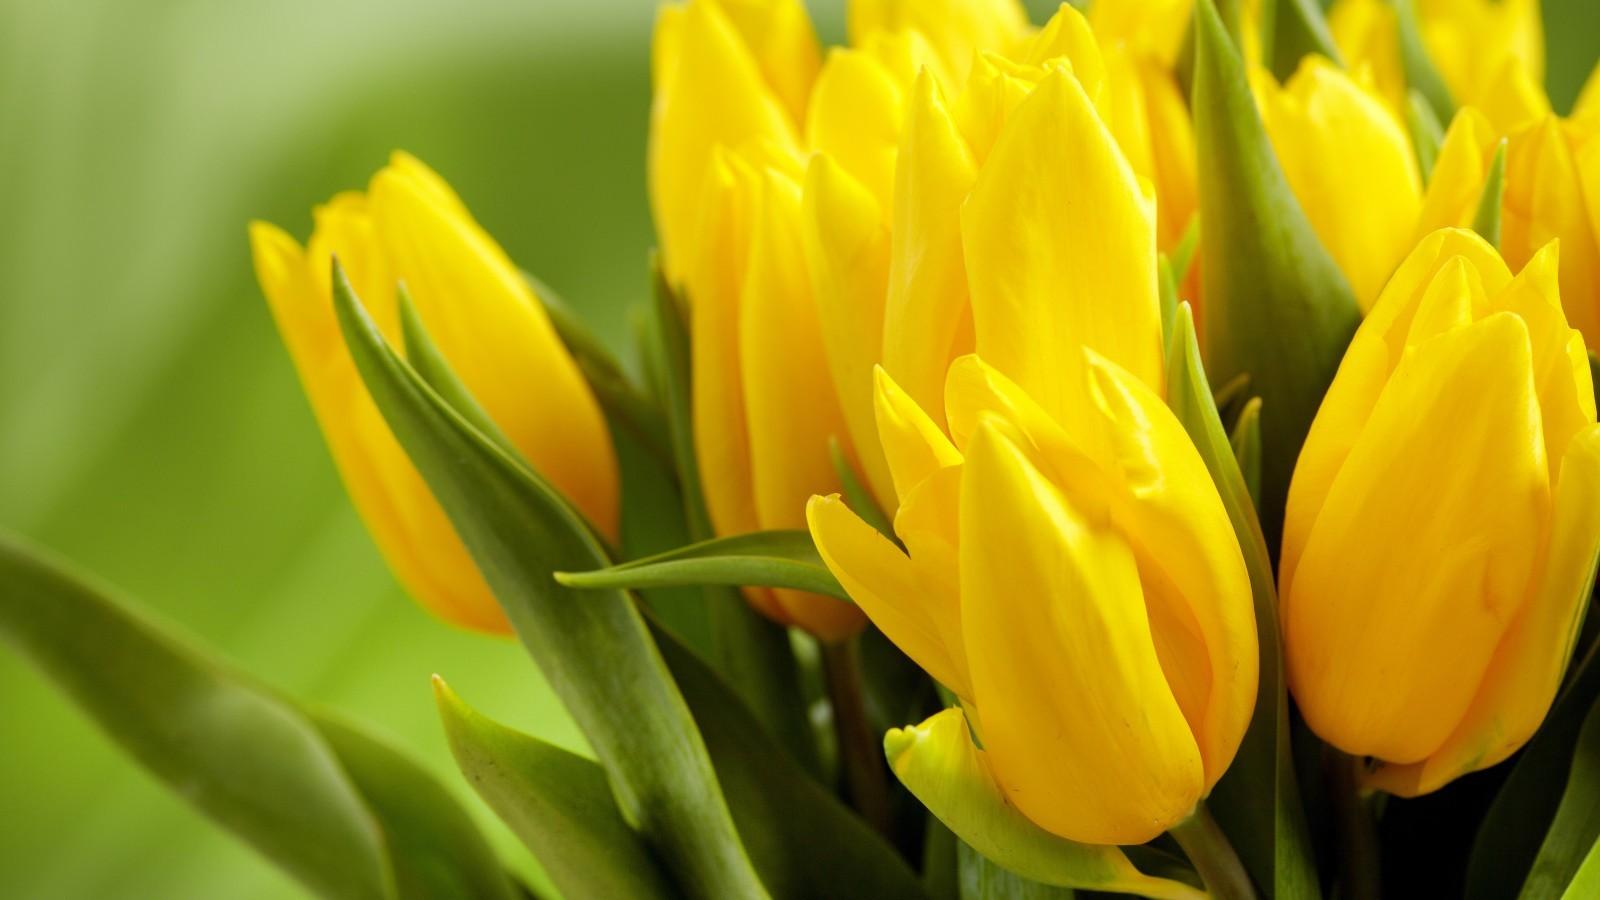 Скачать картинку Тюльпаны, Растения, Цветы в телефон бесплатно.